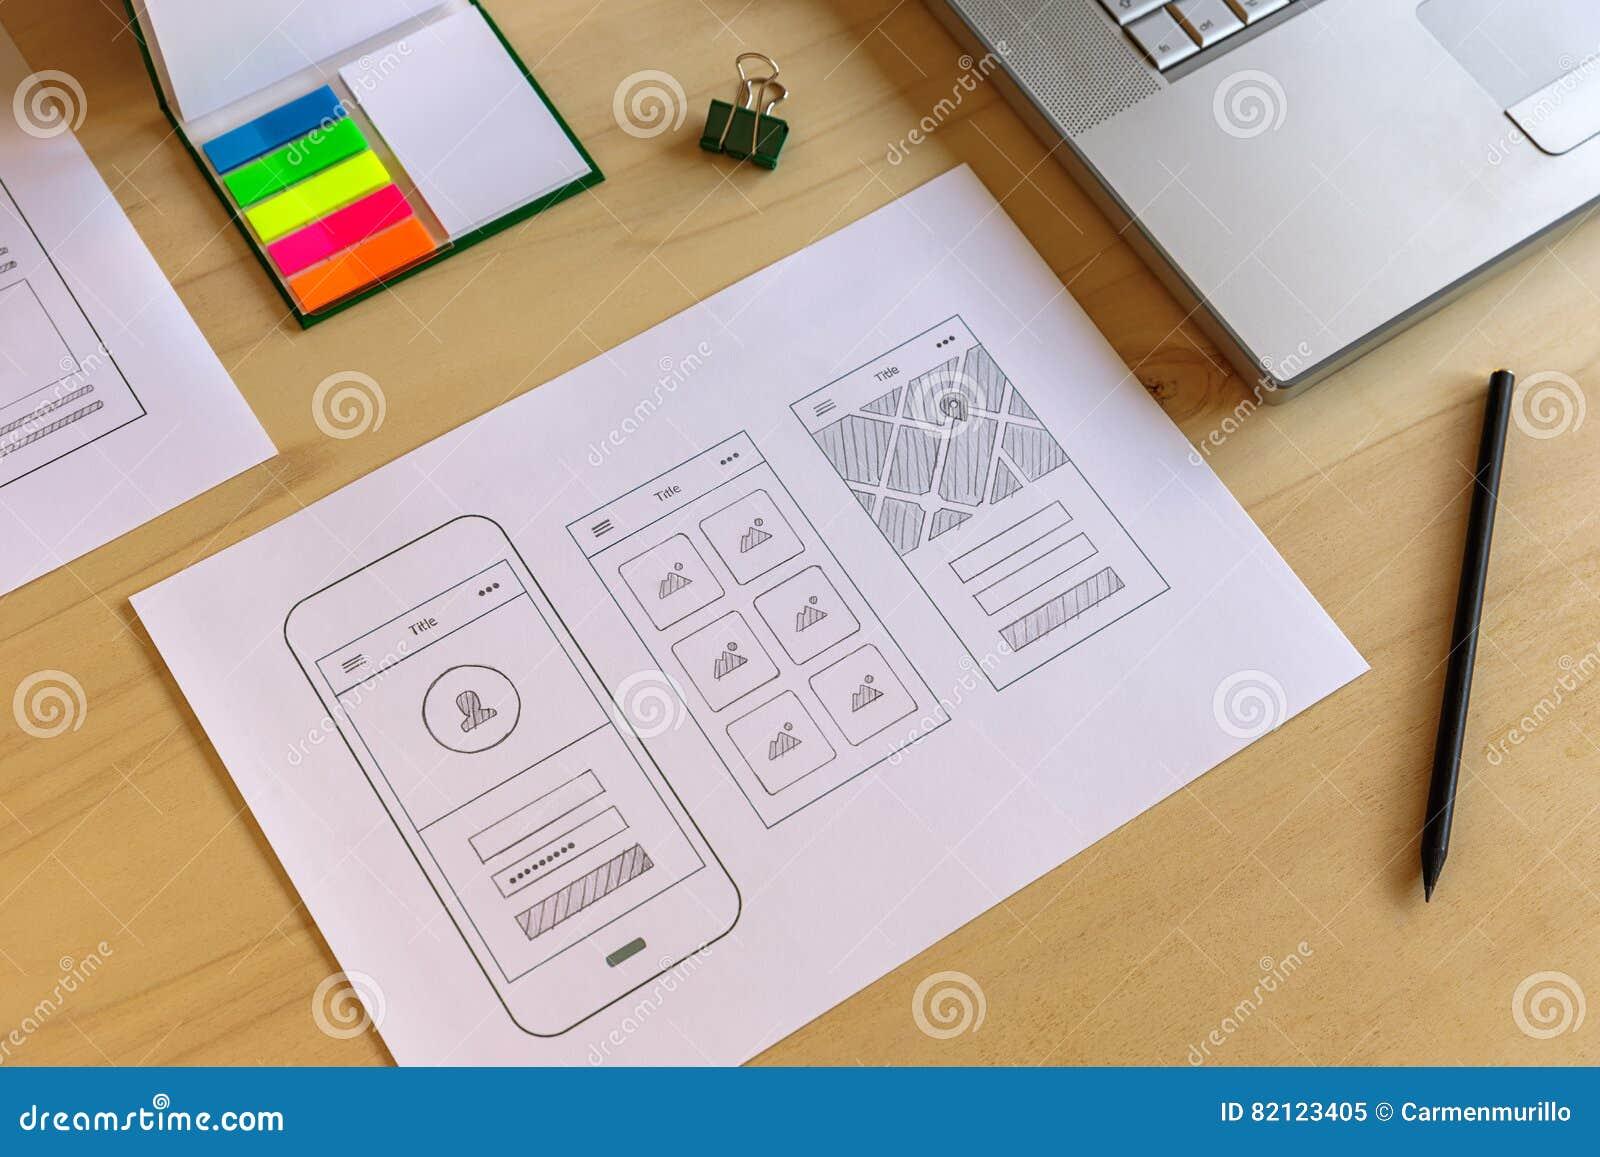 Prototipo mobile di app